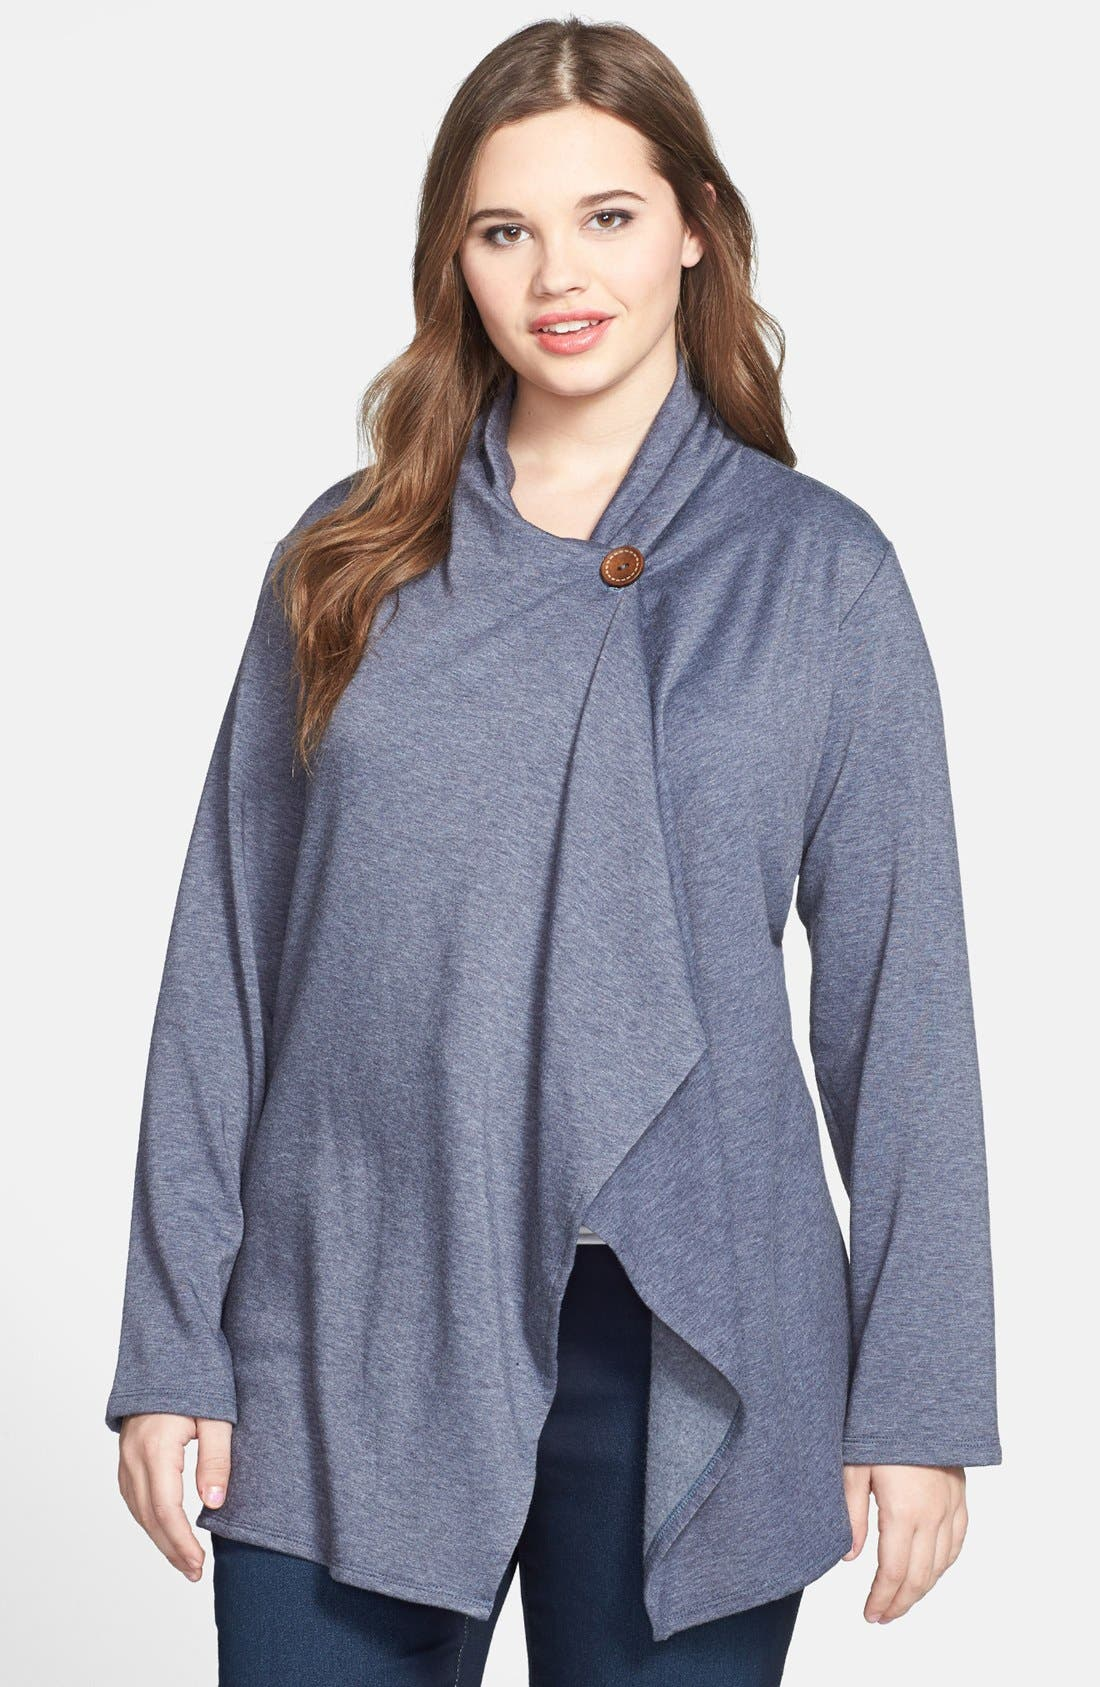 Alternate Image 1 Selected - Bobeau One-Button Fleece Cardigan (Plus Size)